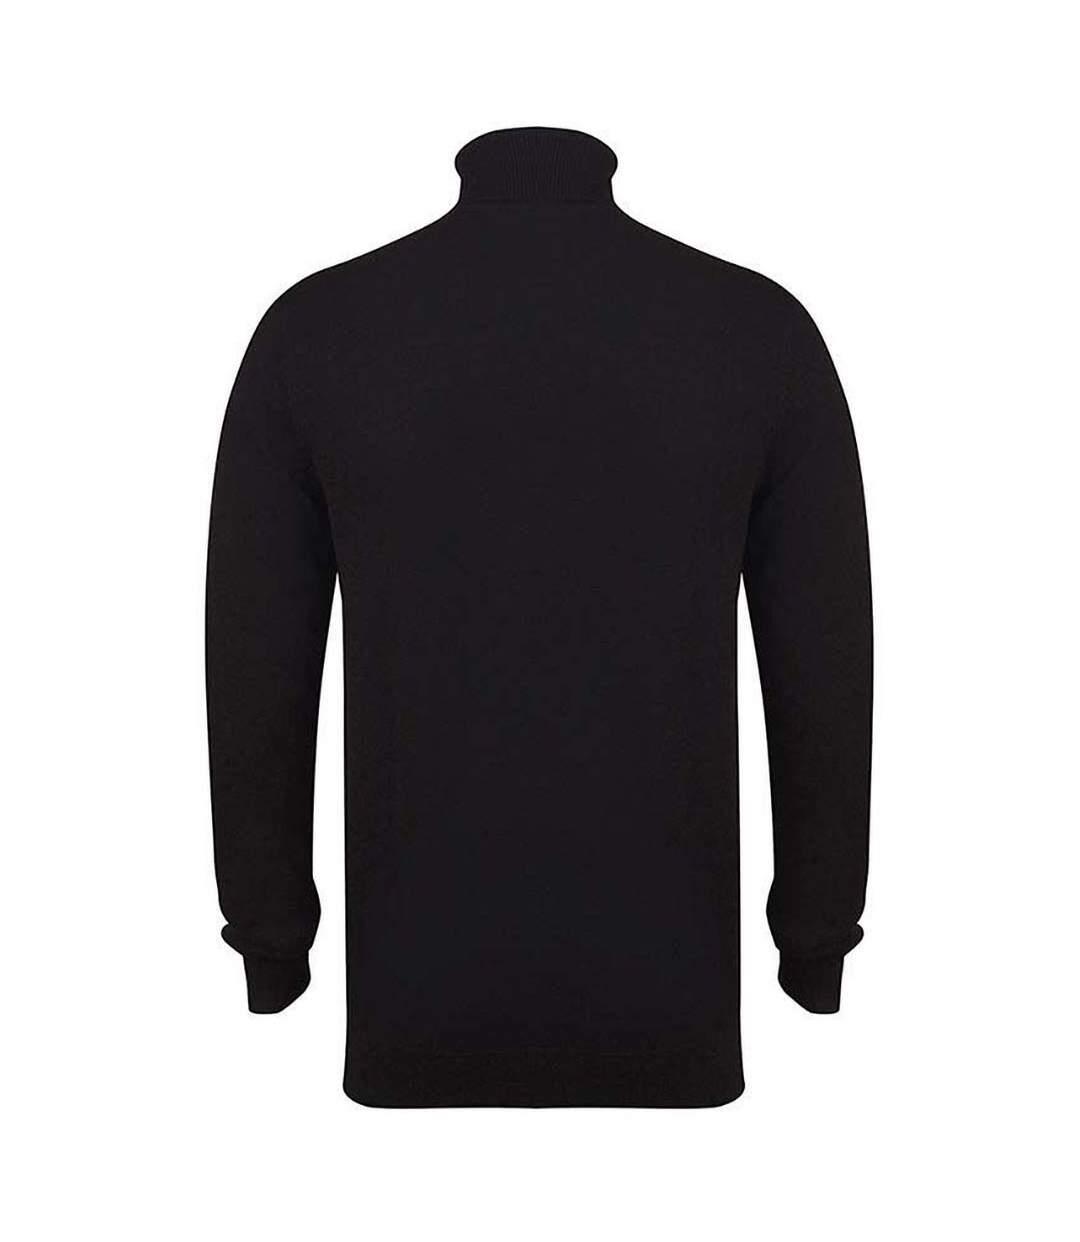 Henbury - Pull à col roulé - Homme (Noir) - UTRW5288